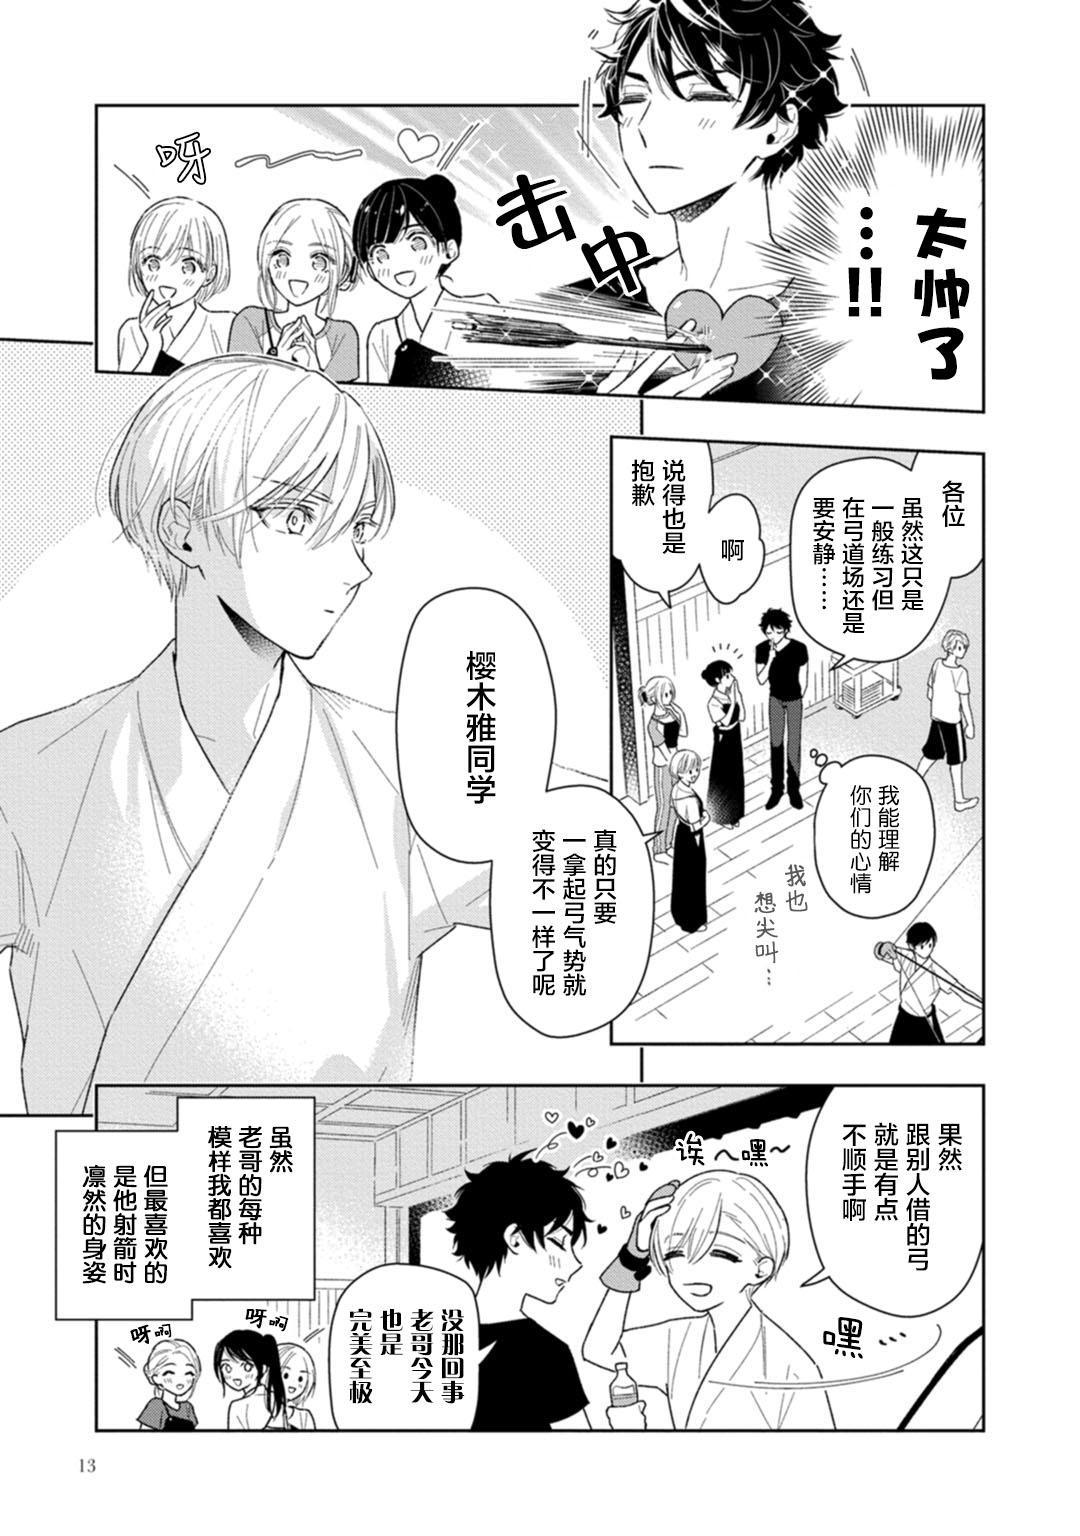 Aniki no ichiban Oishii Tokoro   老哥最可口的部位 act.1 14